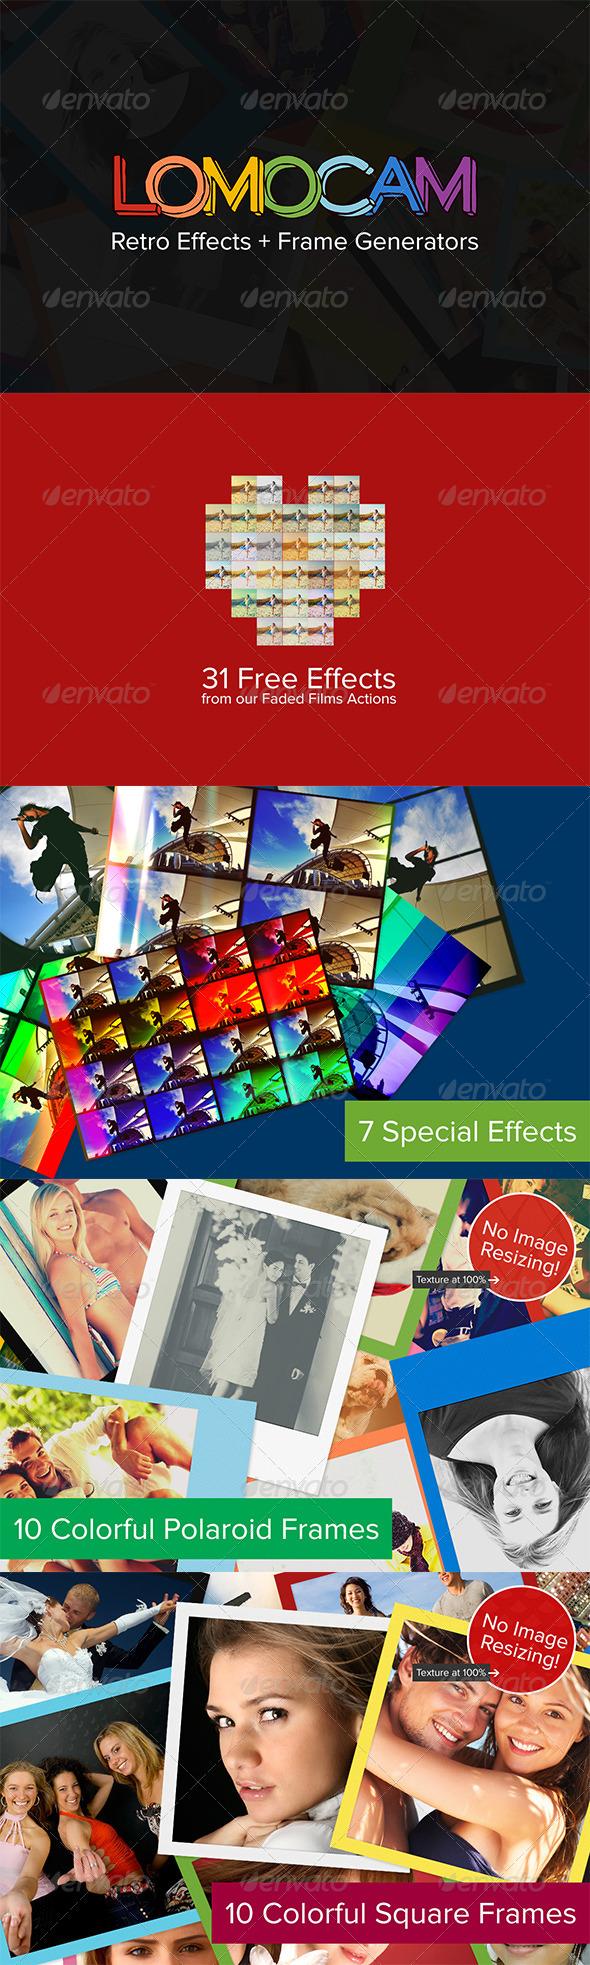 GraphicRiver Lomocam Retro Effects & Frames 5015050